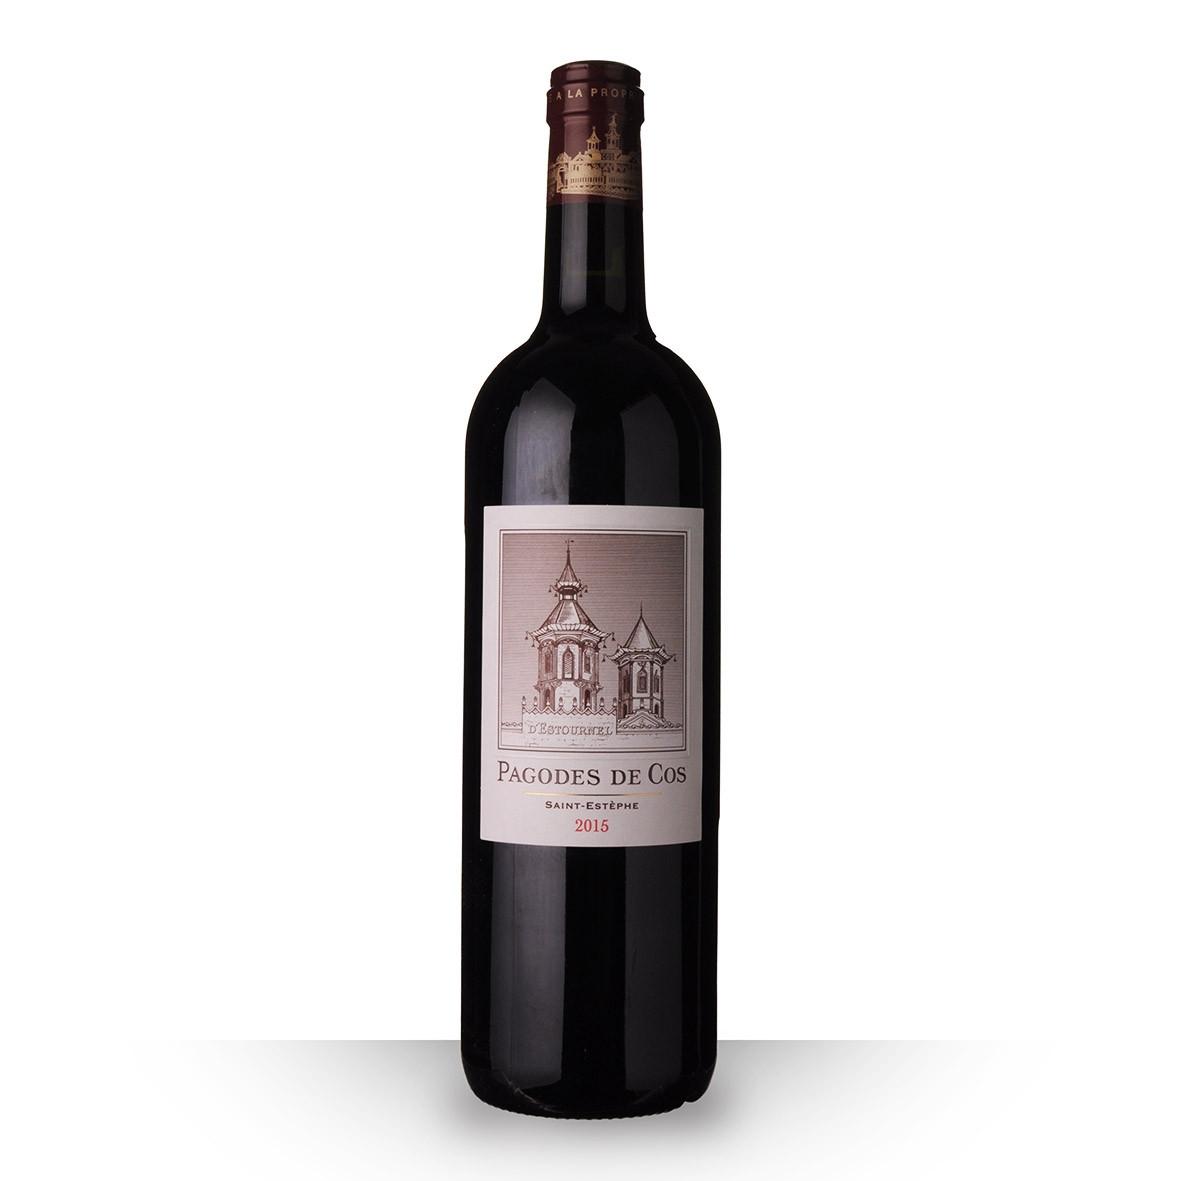 Les Pagodes de Cos Saint-Estèphe Rouge 2015 75cl www.odyssee-vins.com